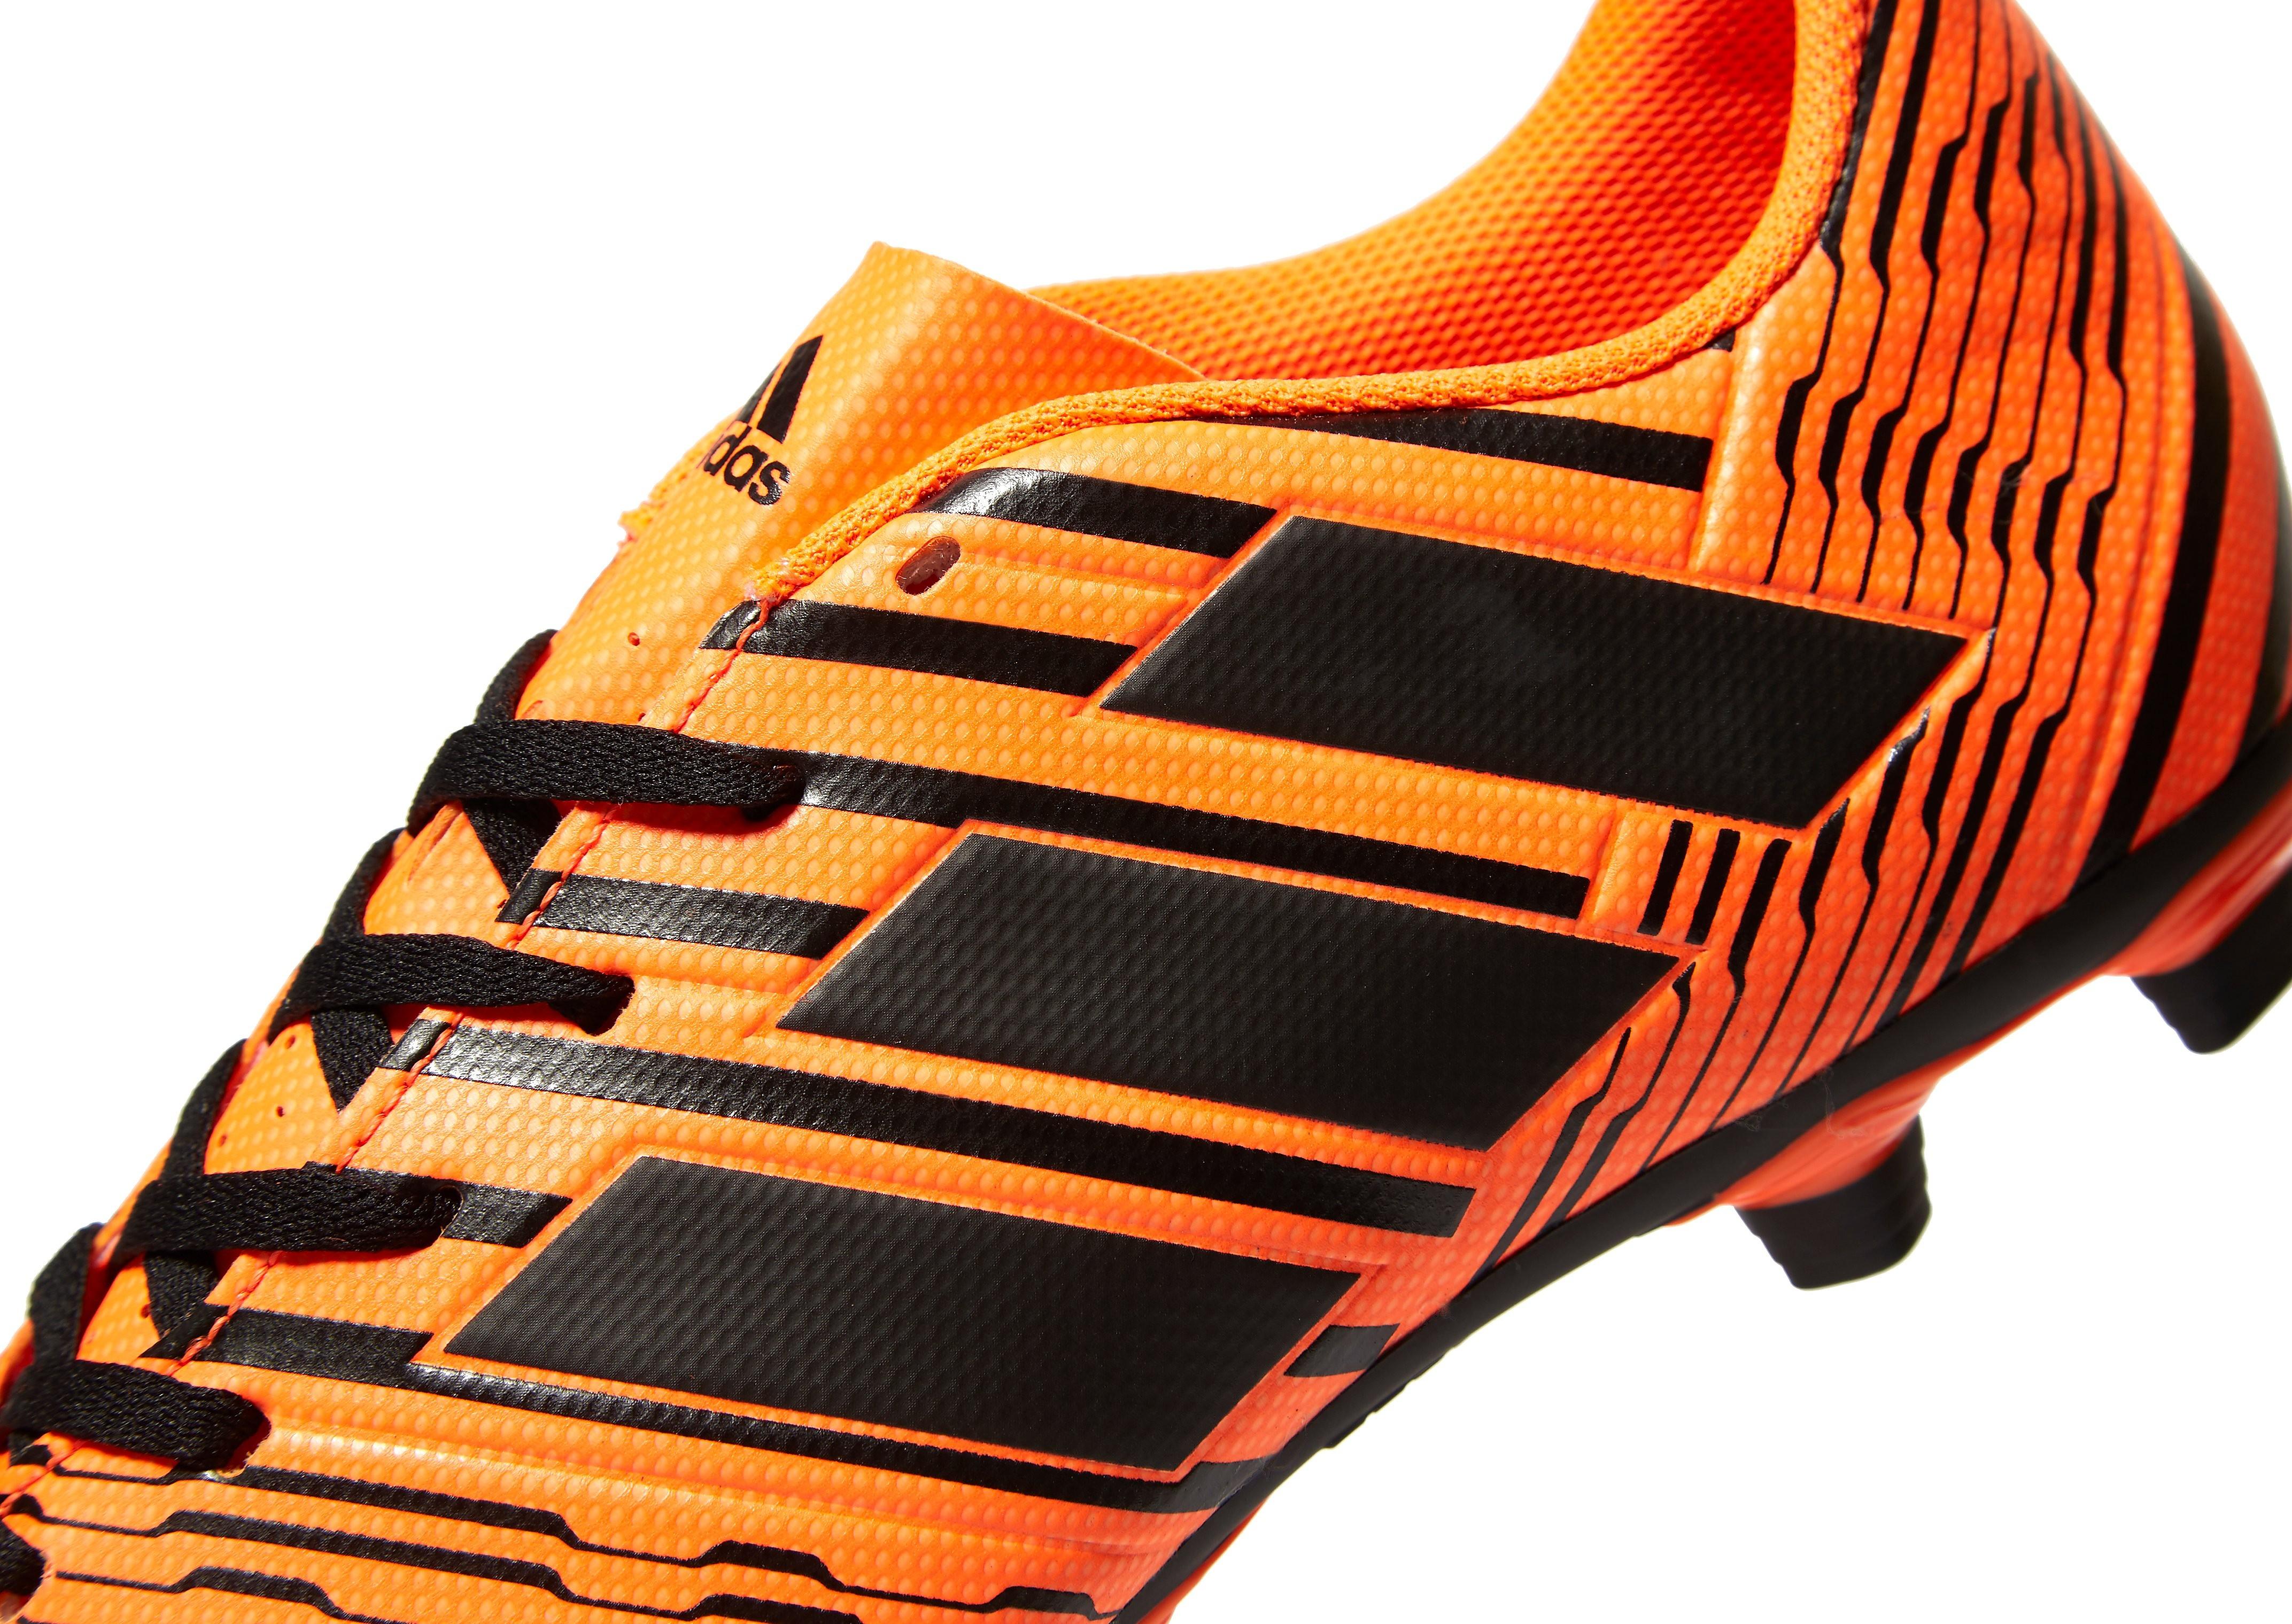 adidas Pyro Storm Nemeziz 17.4 FG